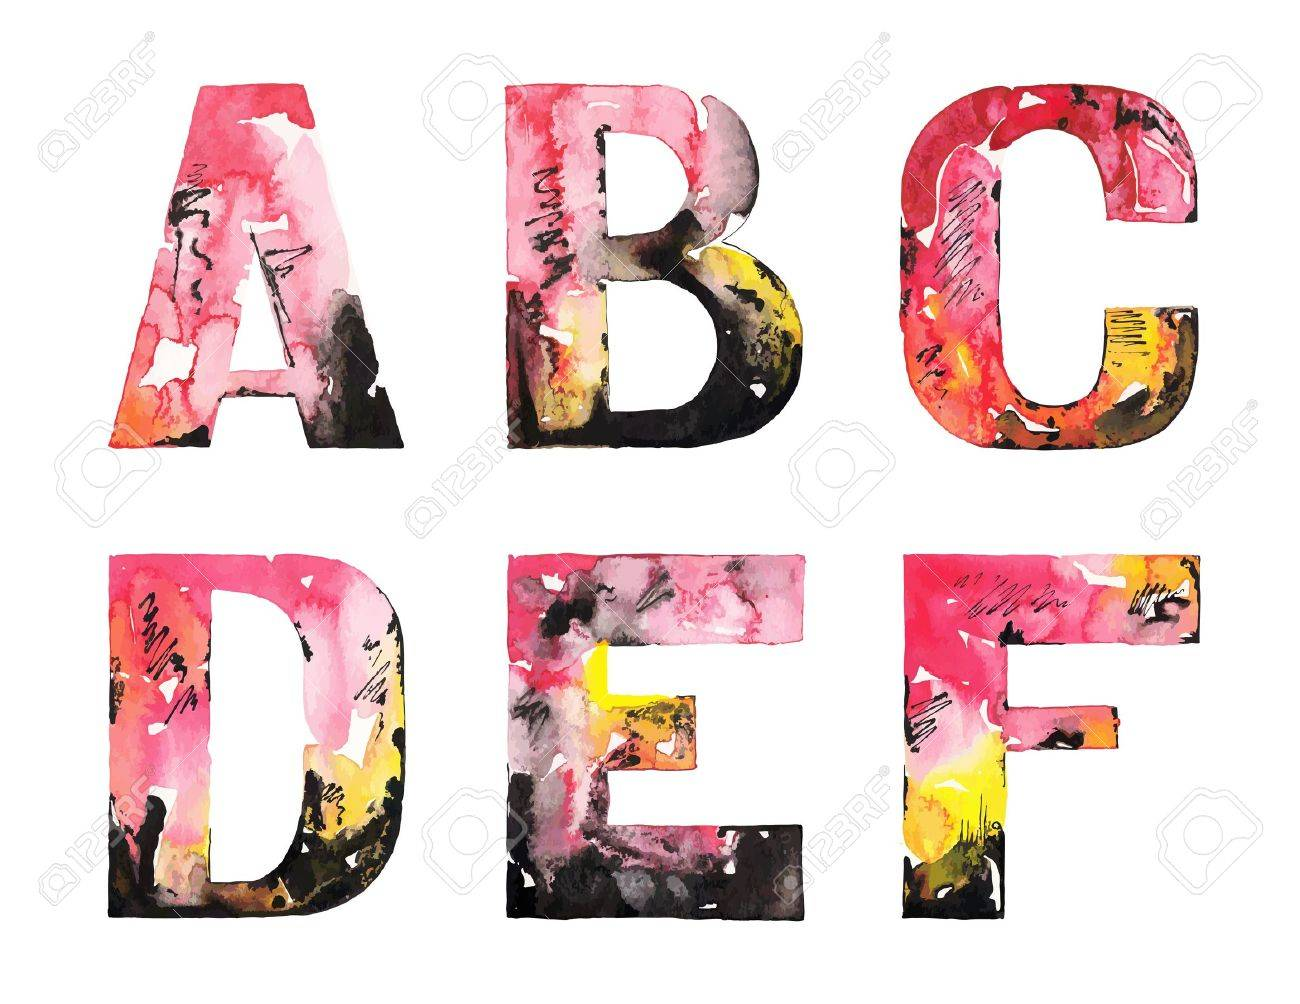 オリジナルの手作りの水彩画アルファベット デザイン イラスト